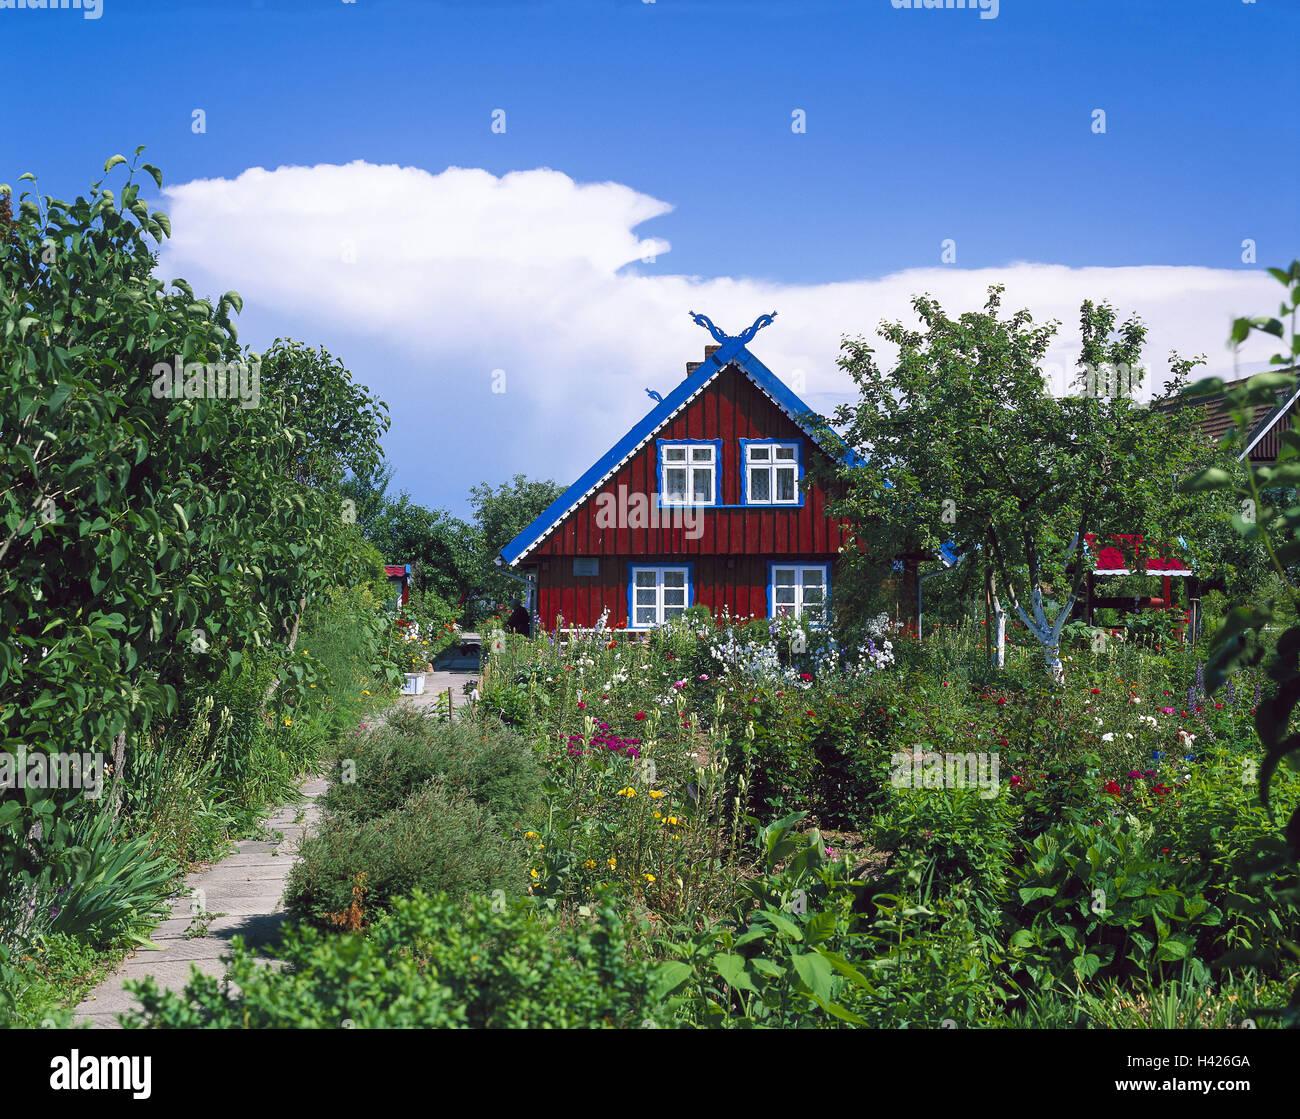 litauen nida thomas mann haus garten europa nordosteuropa die baltischen staaten lietuva. Black Bedroom Furniture Sets. Home Design Ideas